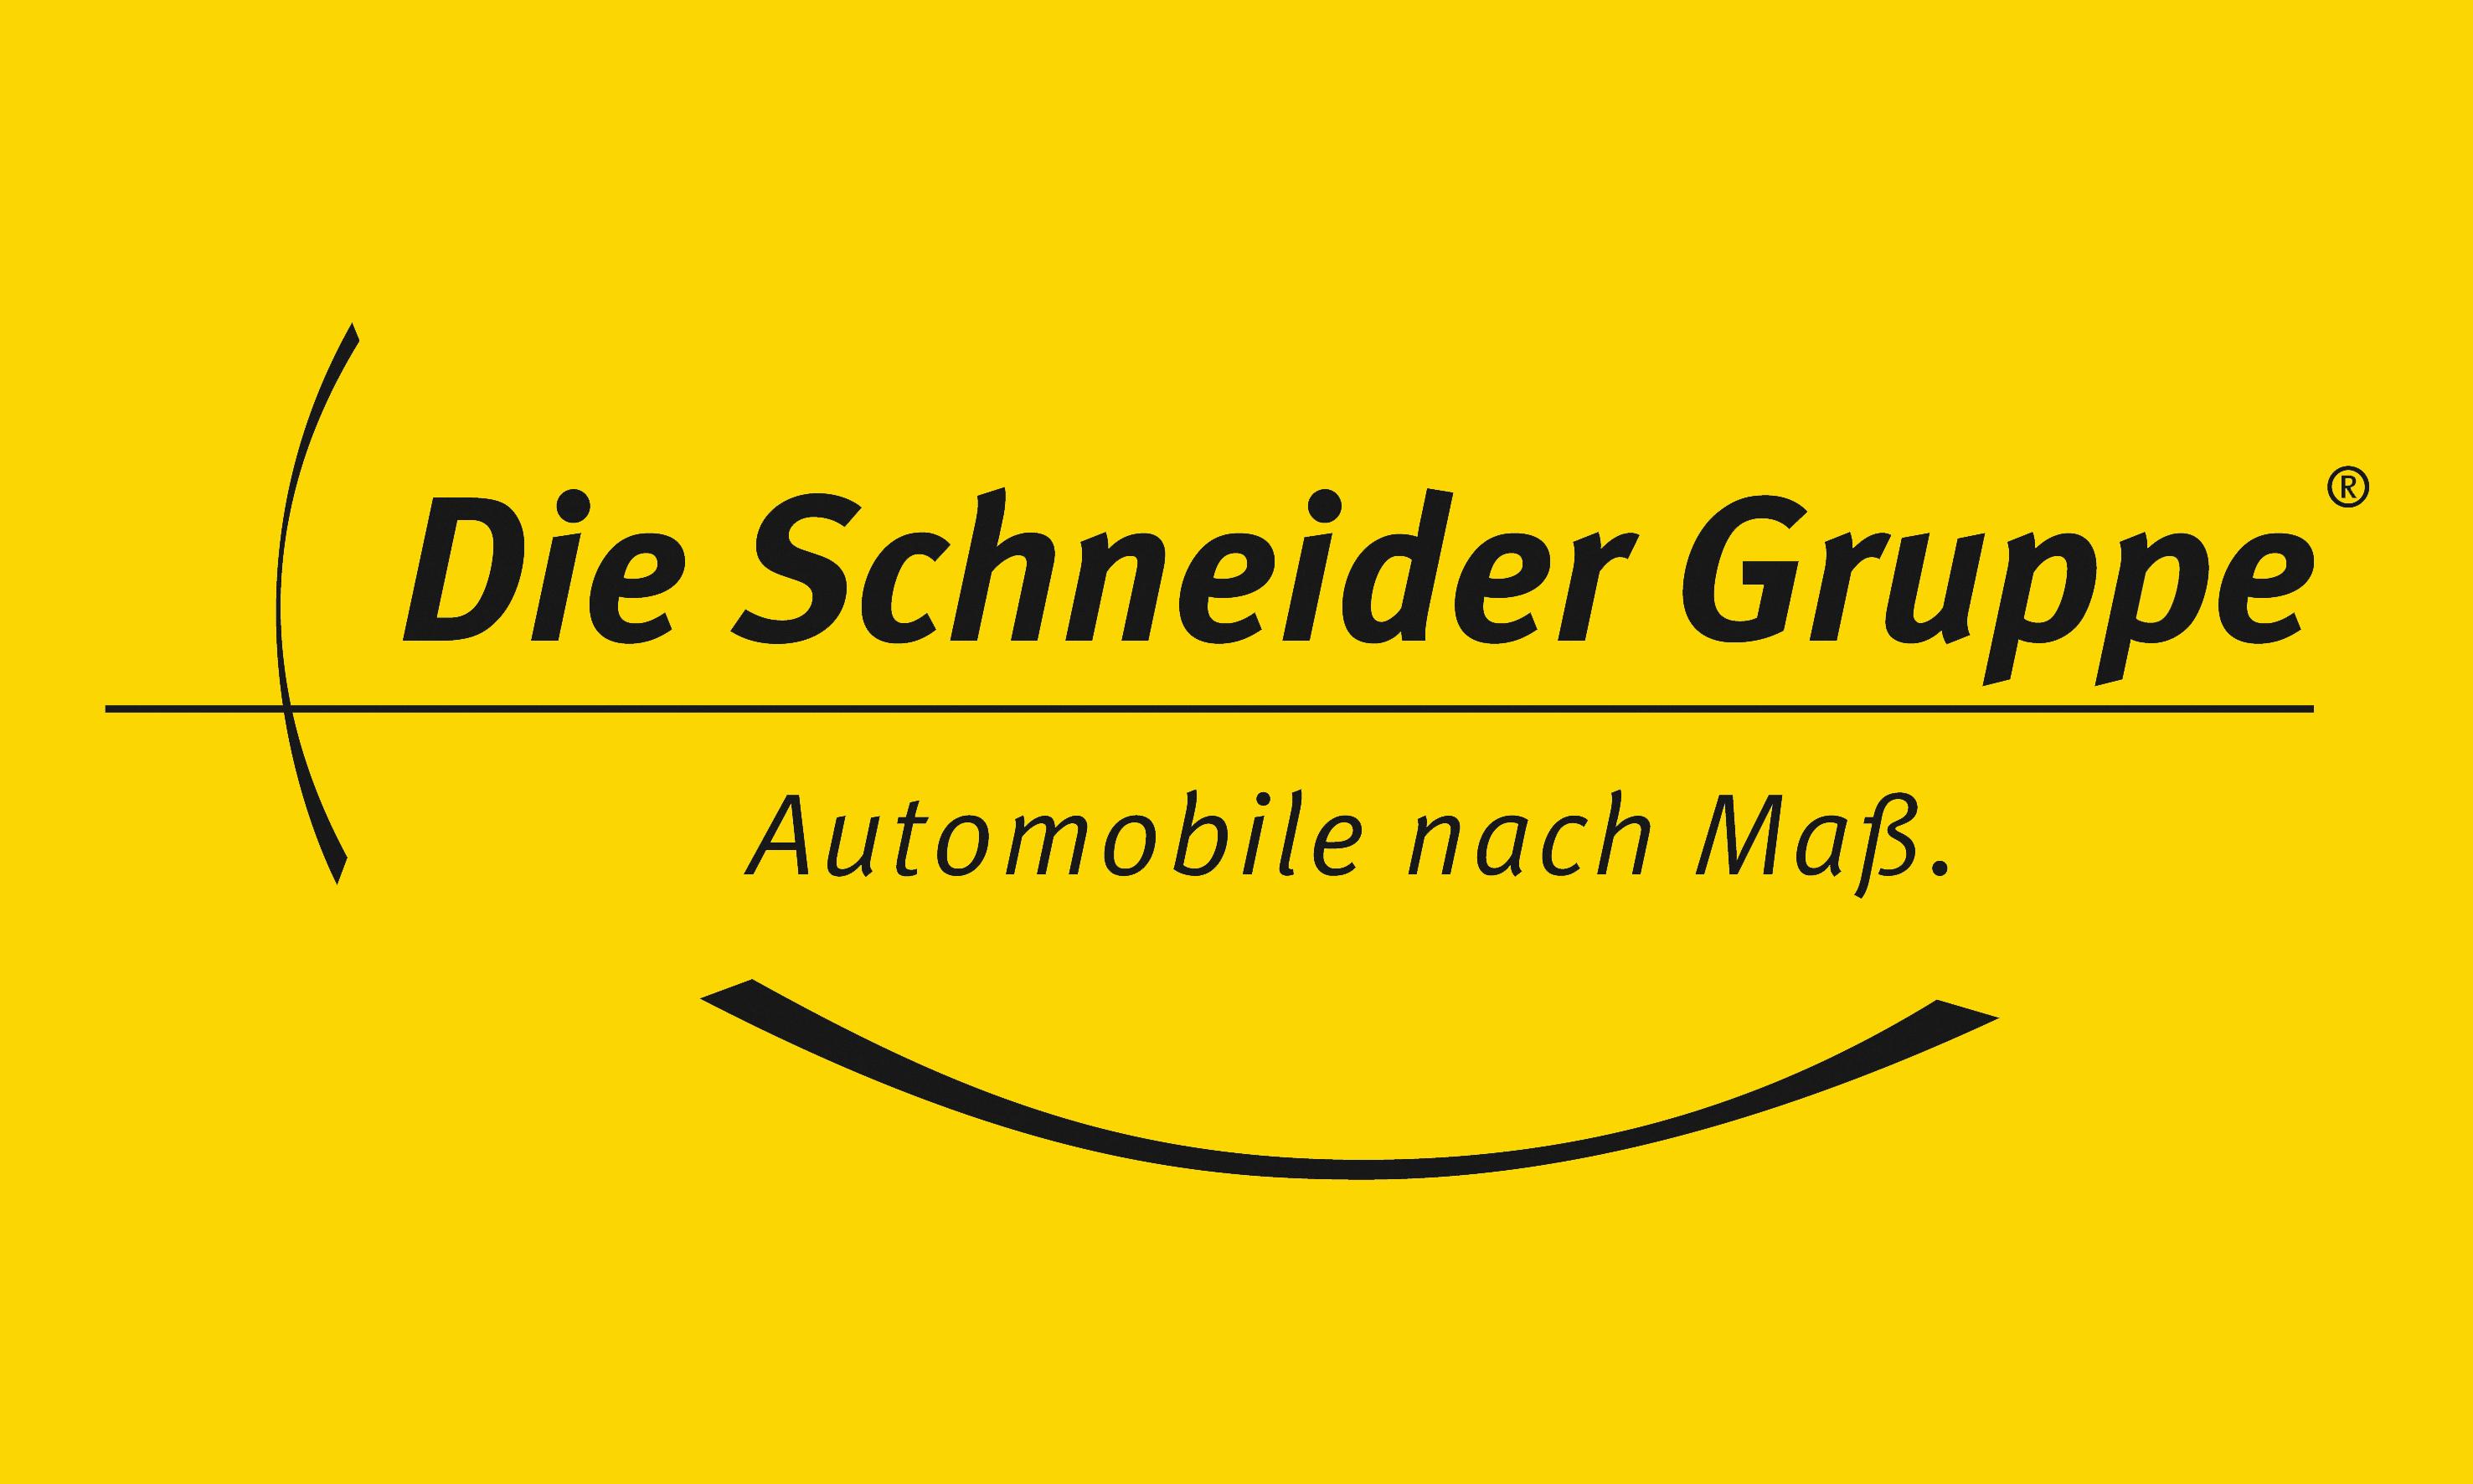 Die Schneider Gruppe